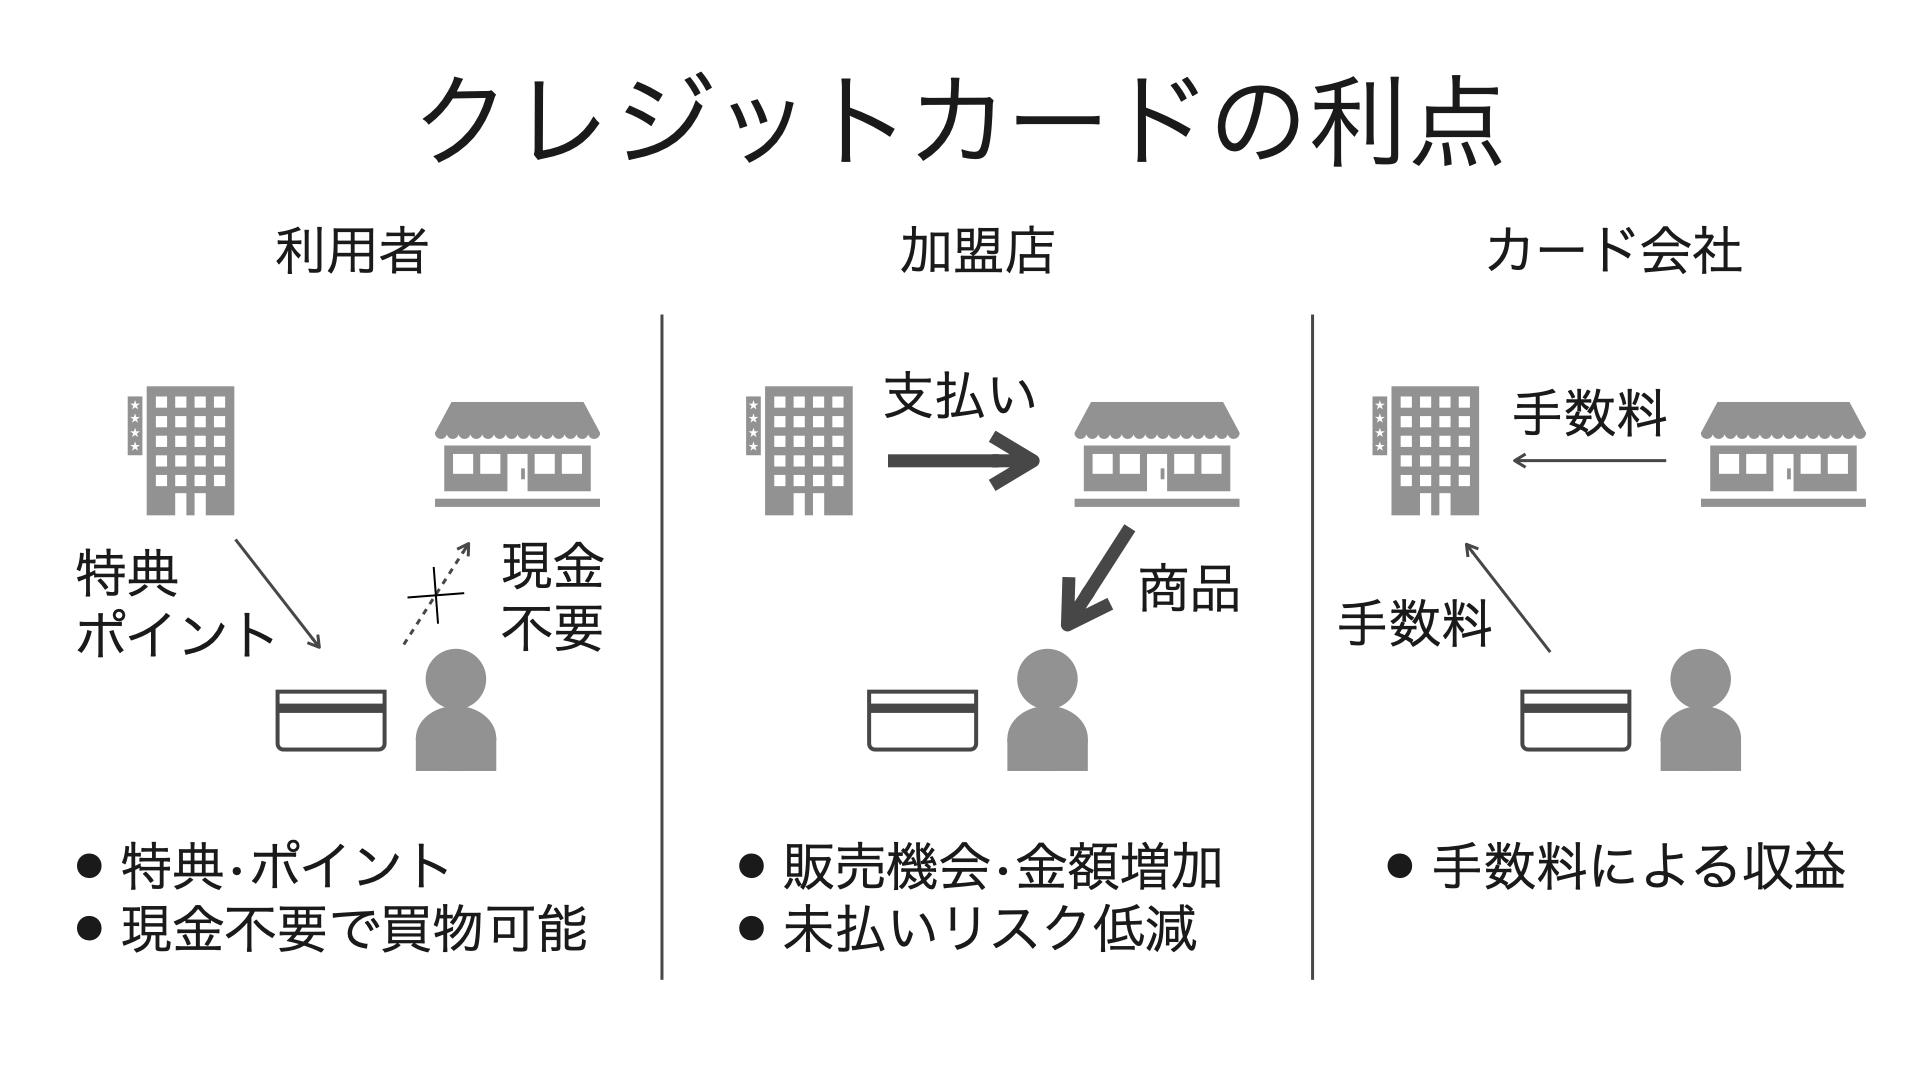 図_クレジットカード003